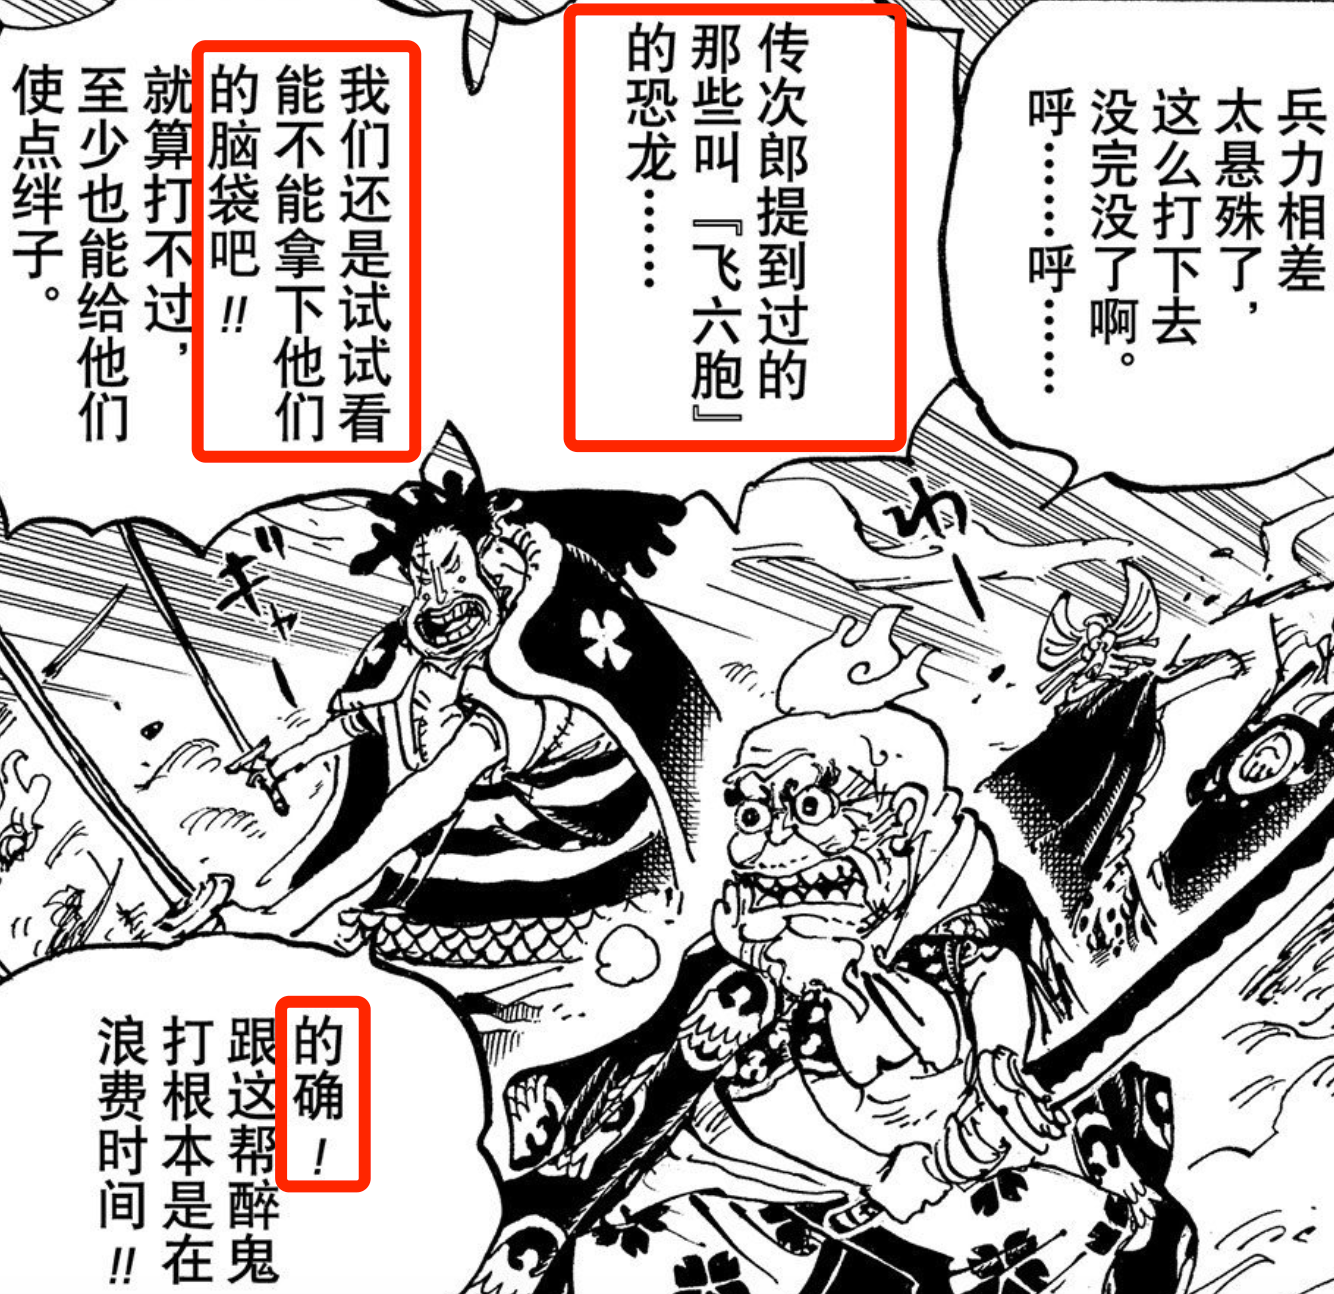 海賊王990話:凌空六子都是恐龍,五位頂尖武士將跟他們決一死戰